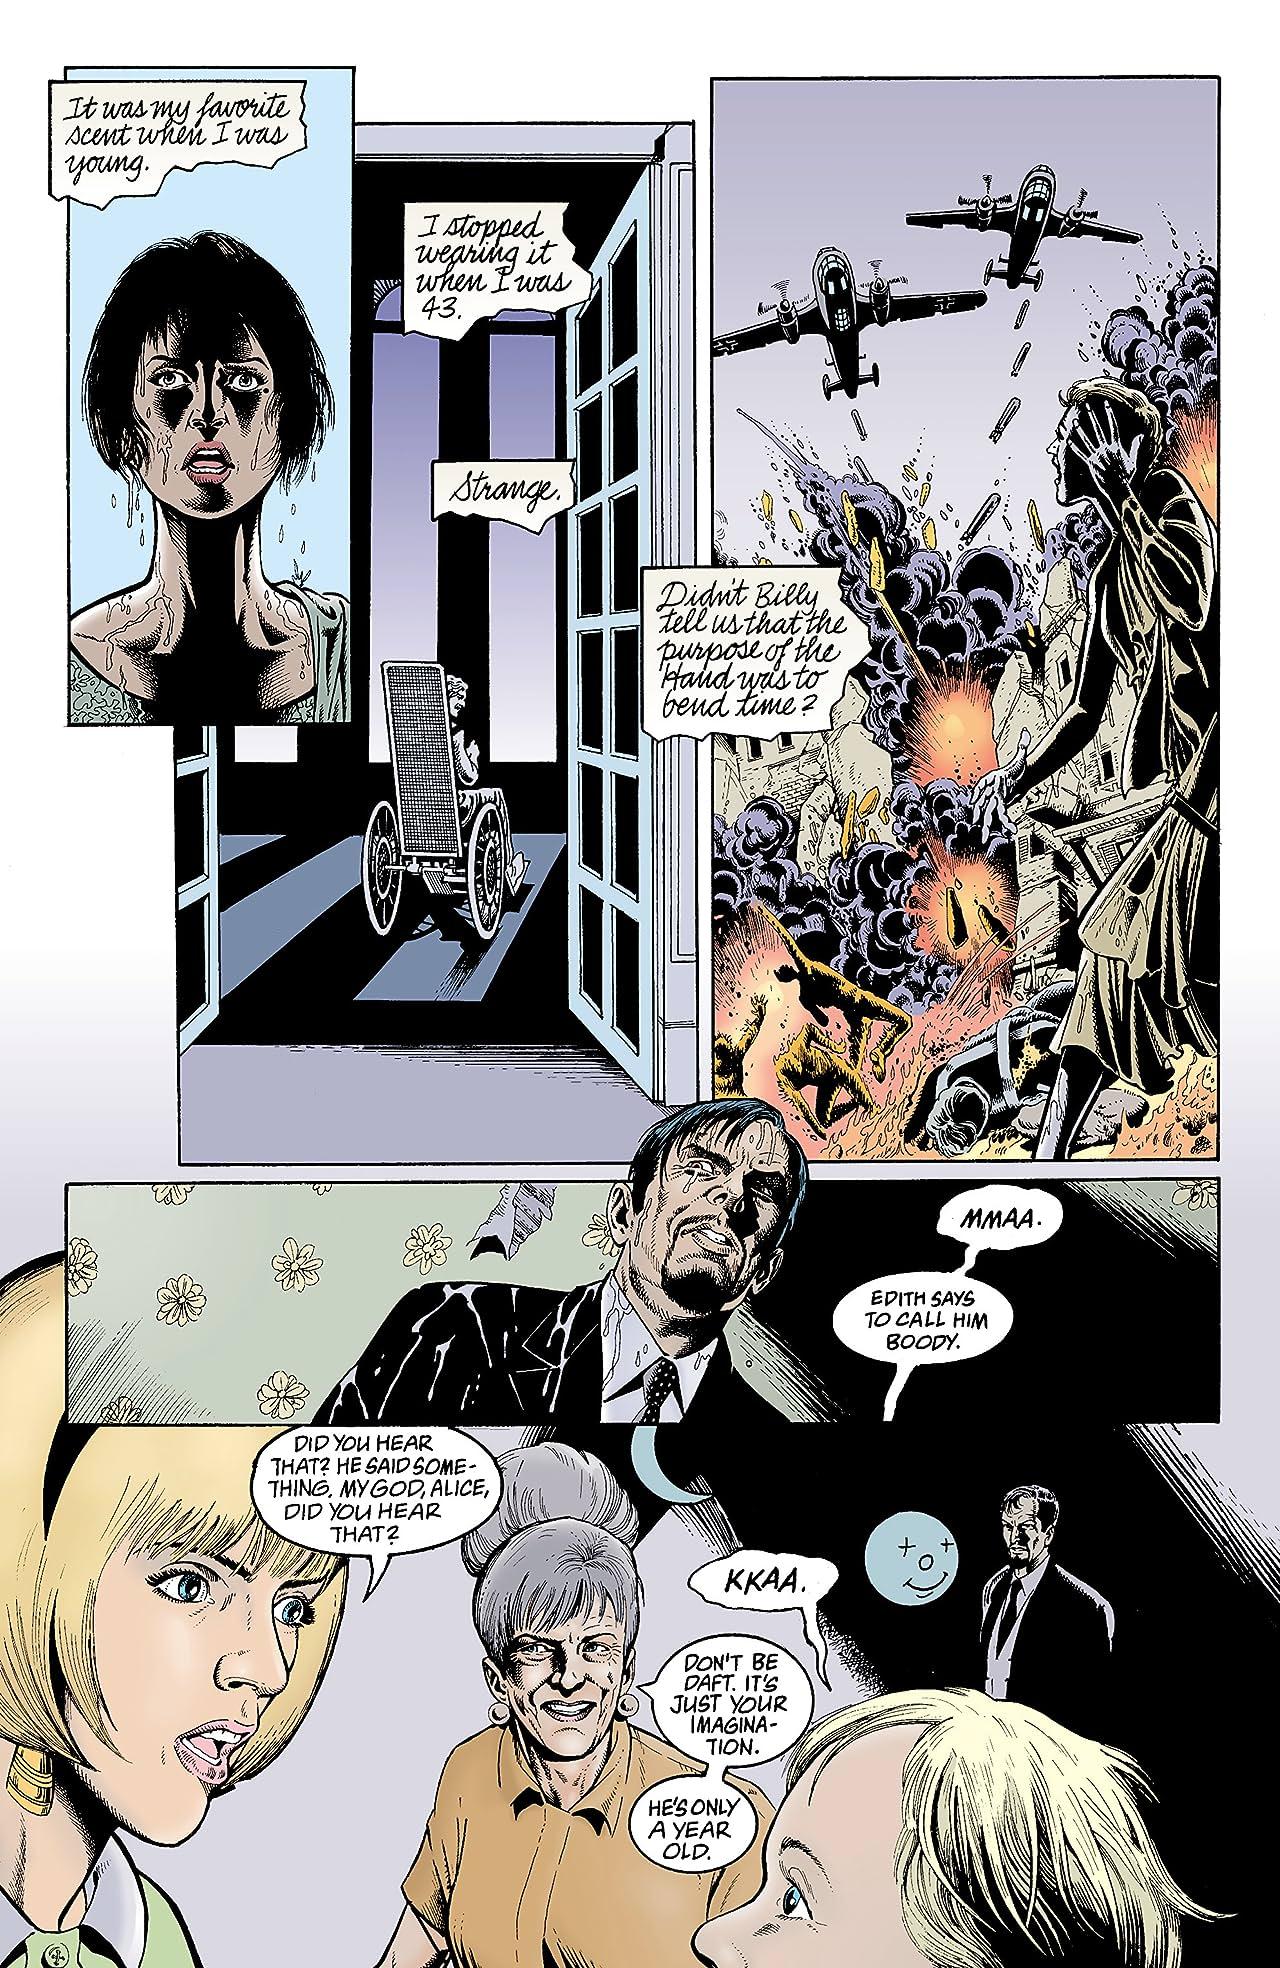 The Invisibles Vol. 2 #10